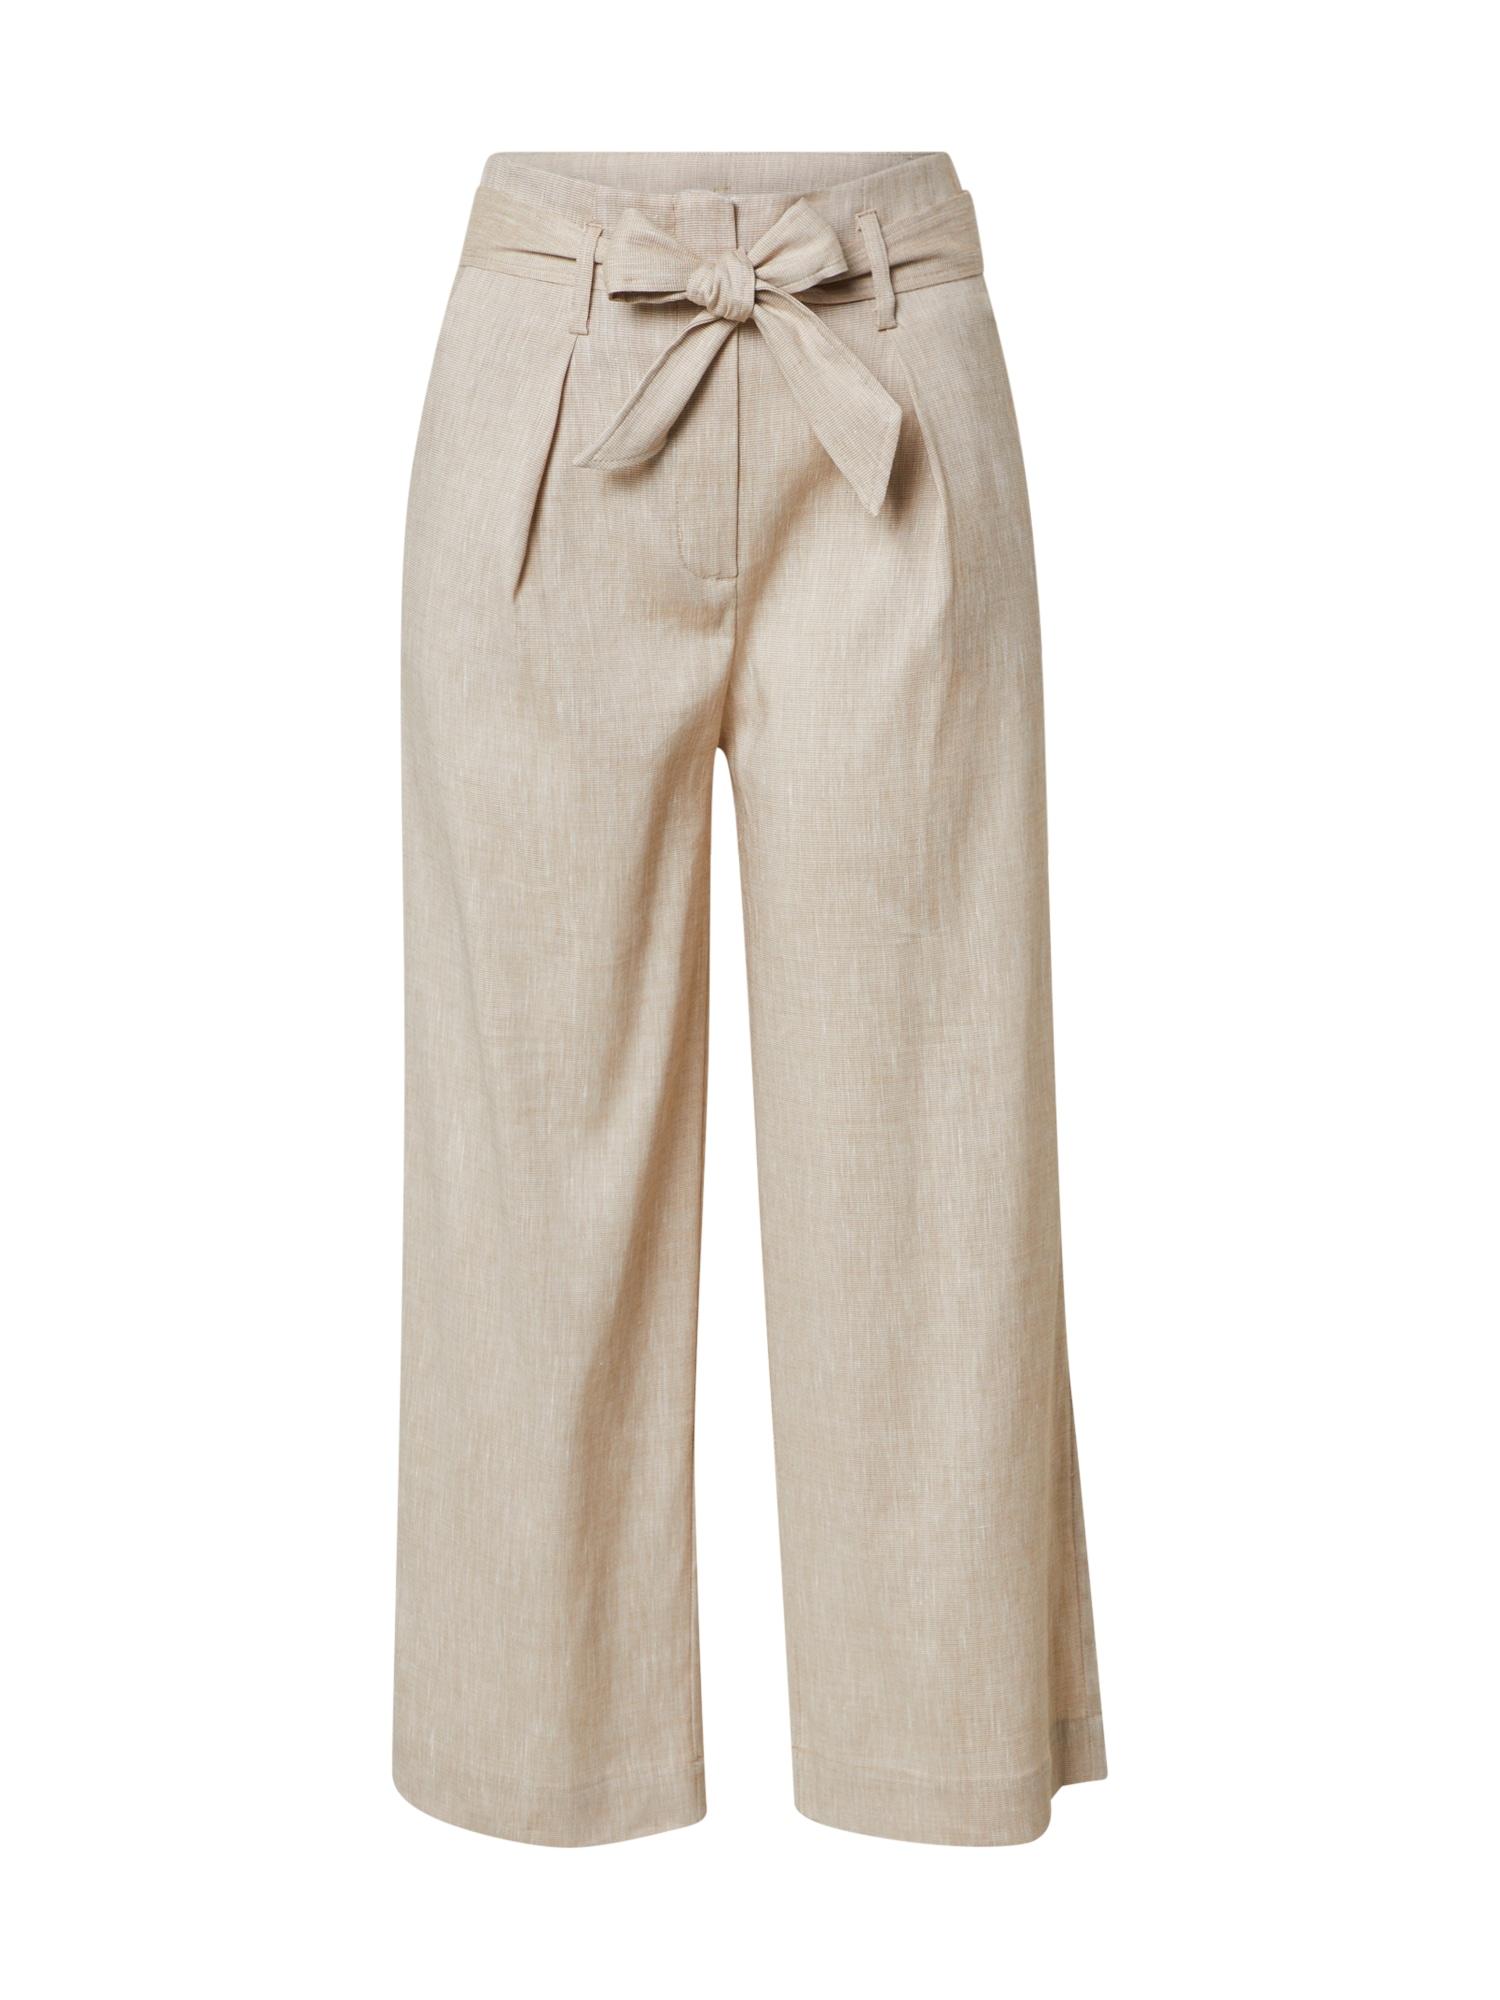 Someday Klostuotos kelnės 'Corelia' gelsvai pilka spalva